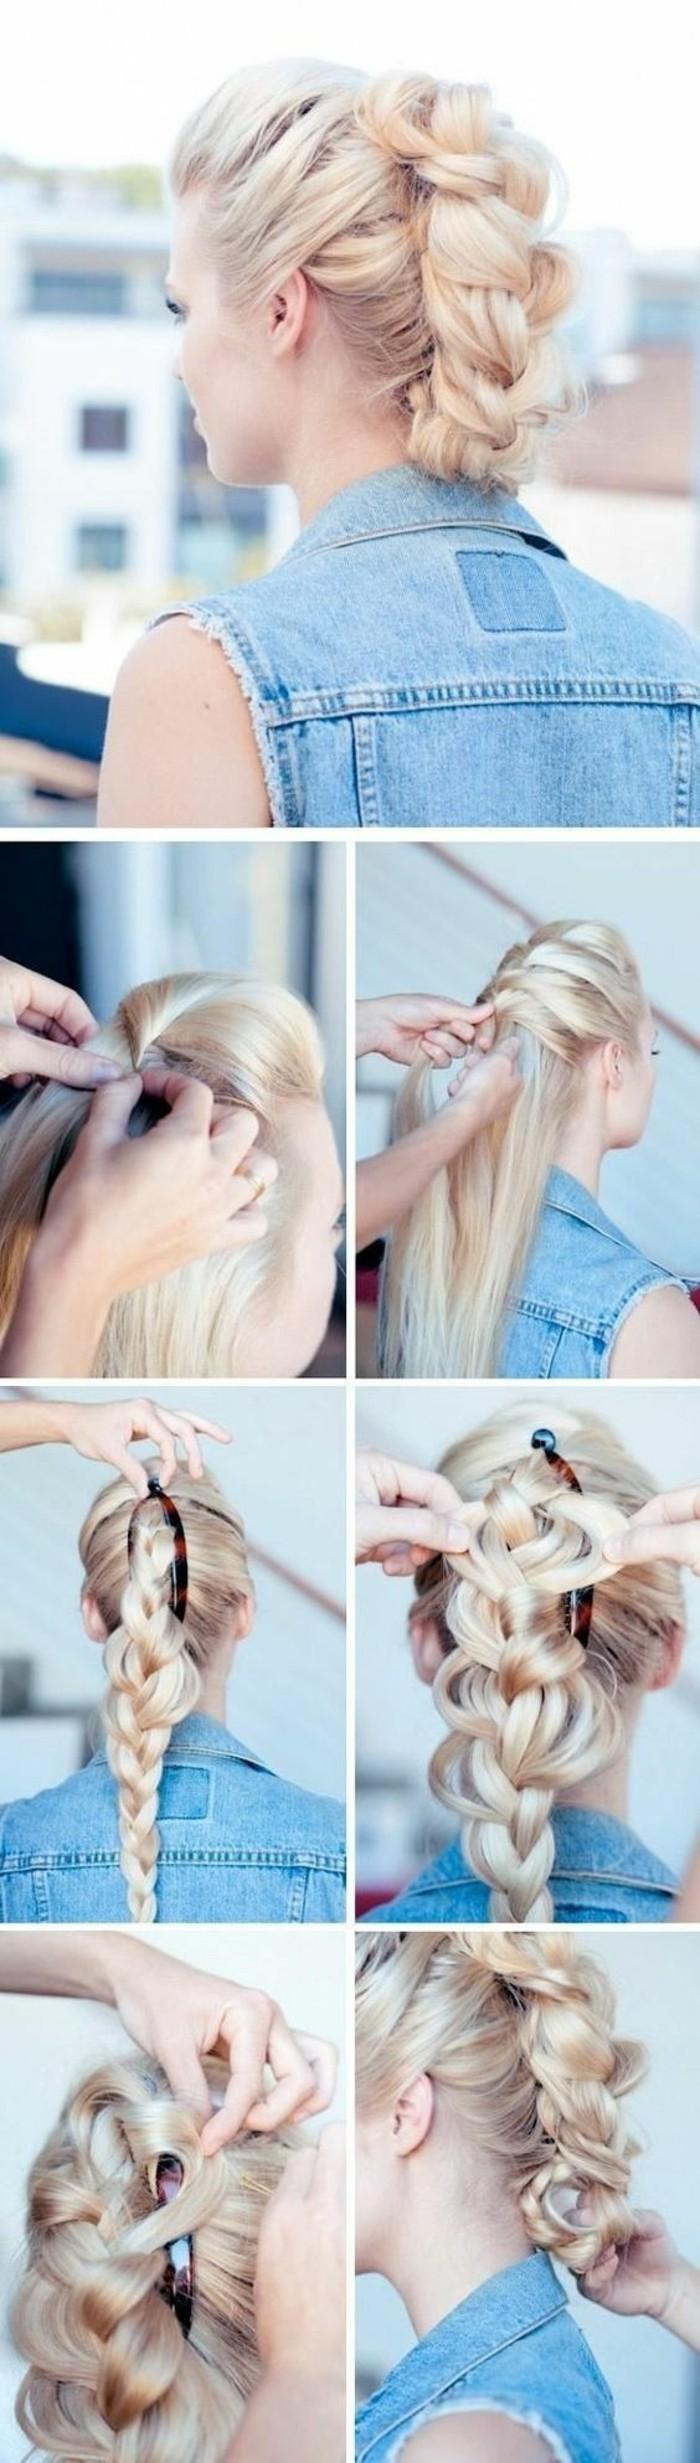 haare-hochstecken-lange-blonde-haare-frau-zopf-jacke-frisur-selber-machen-diy